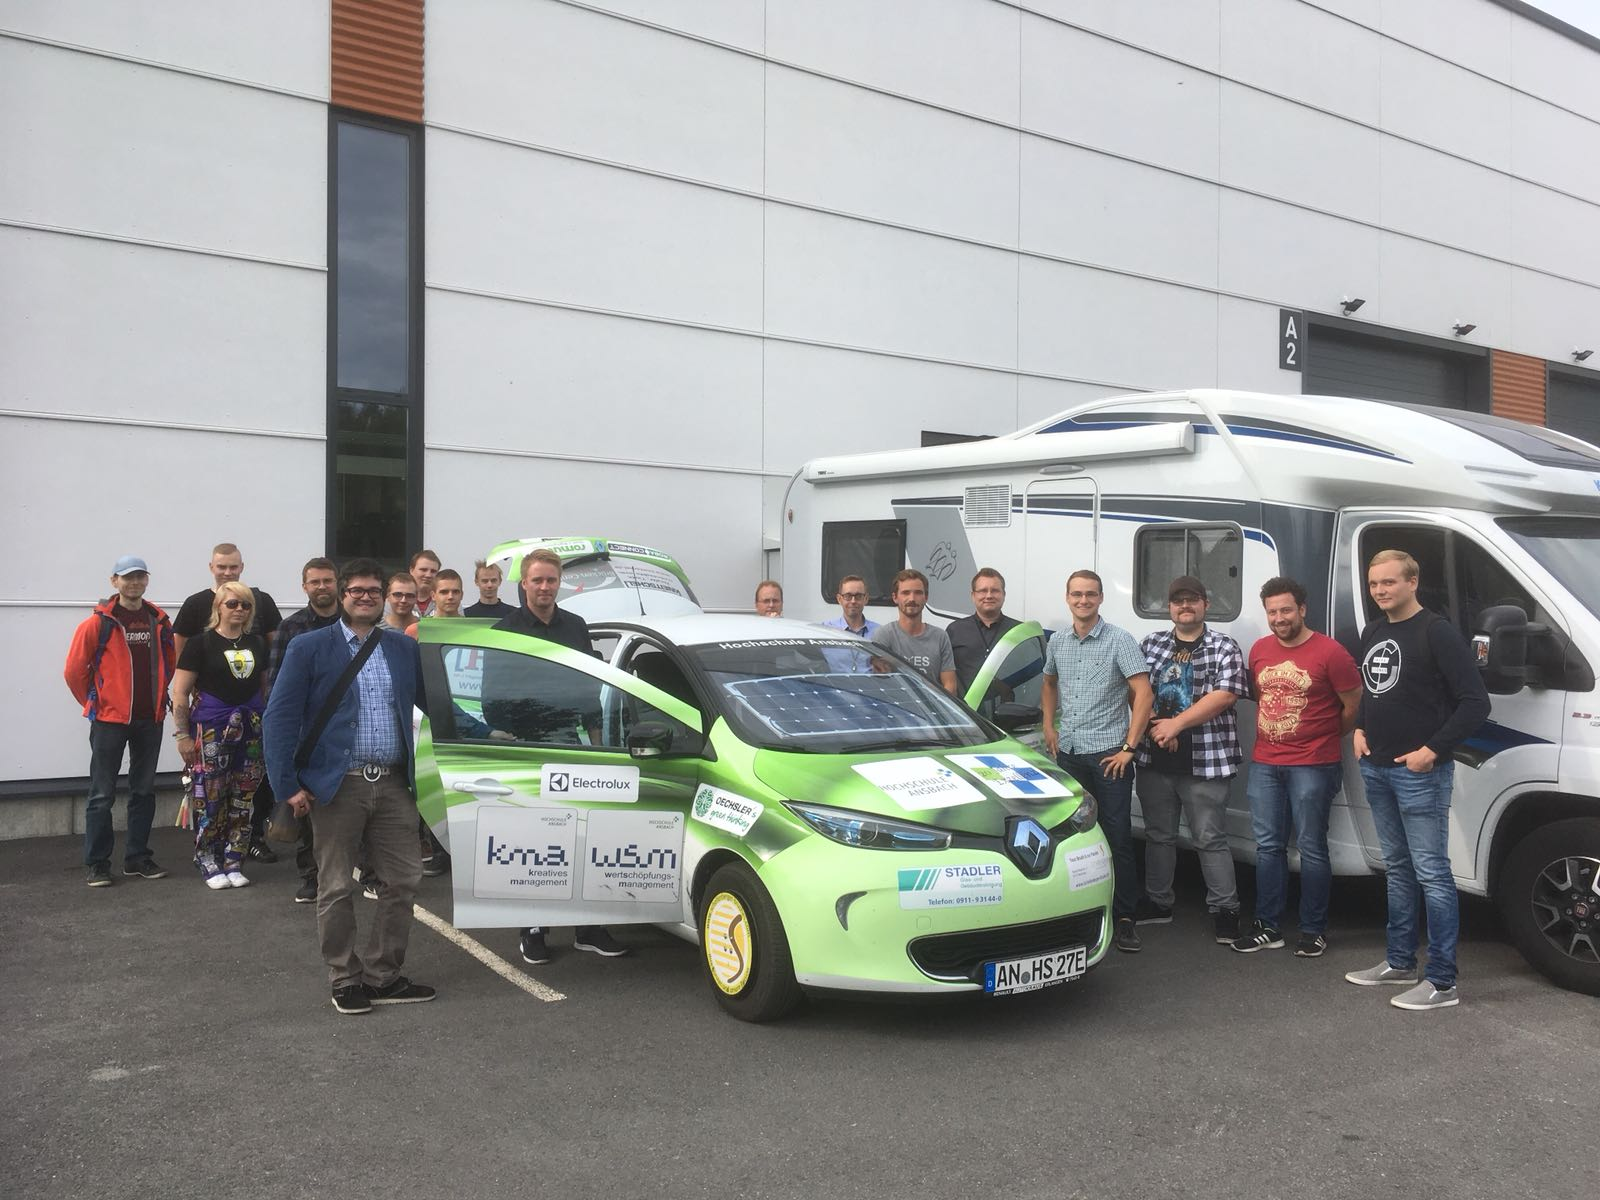 Um das grüne Forschungsauto aus Ansbach sind jede Menge Menschen (18) versammelt, die Türen vorne und der Kofferaum stehen offen